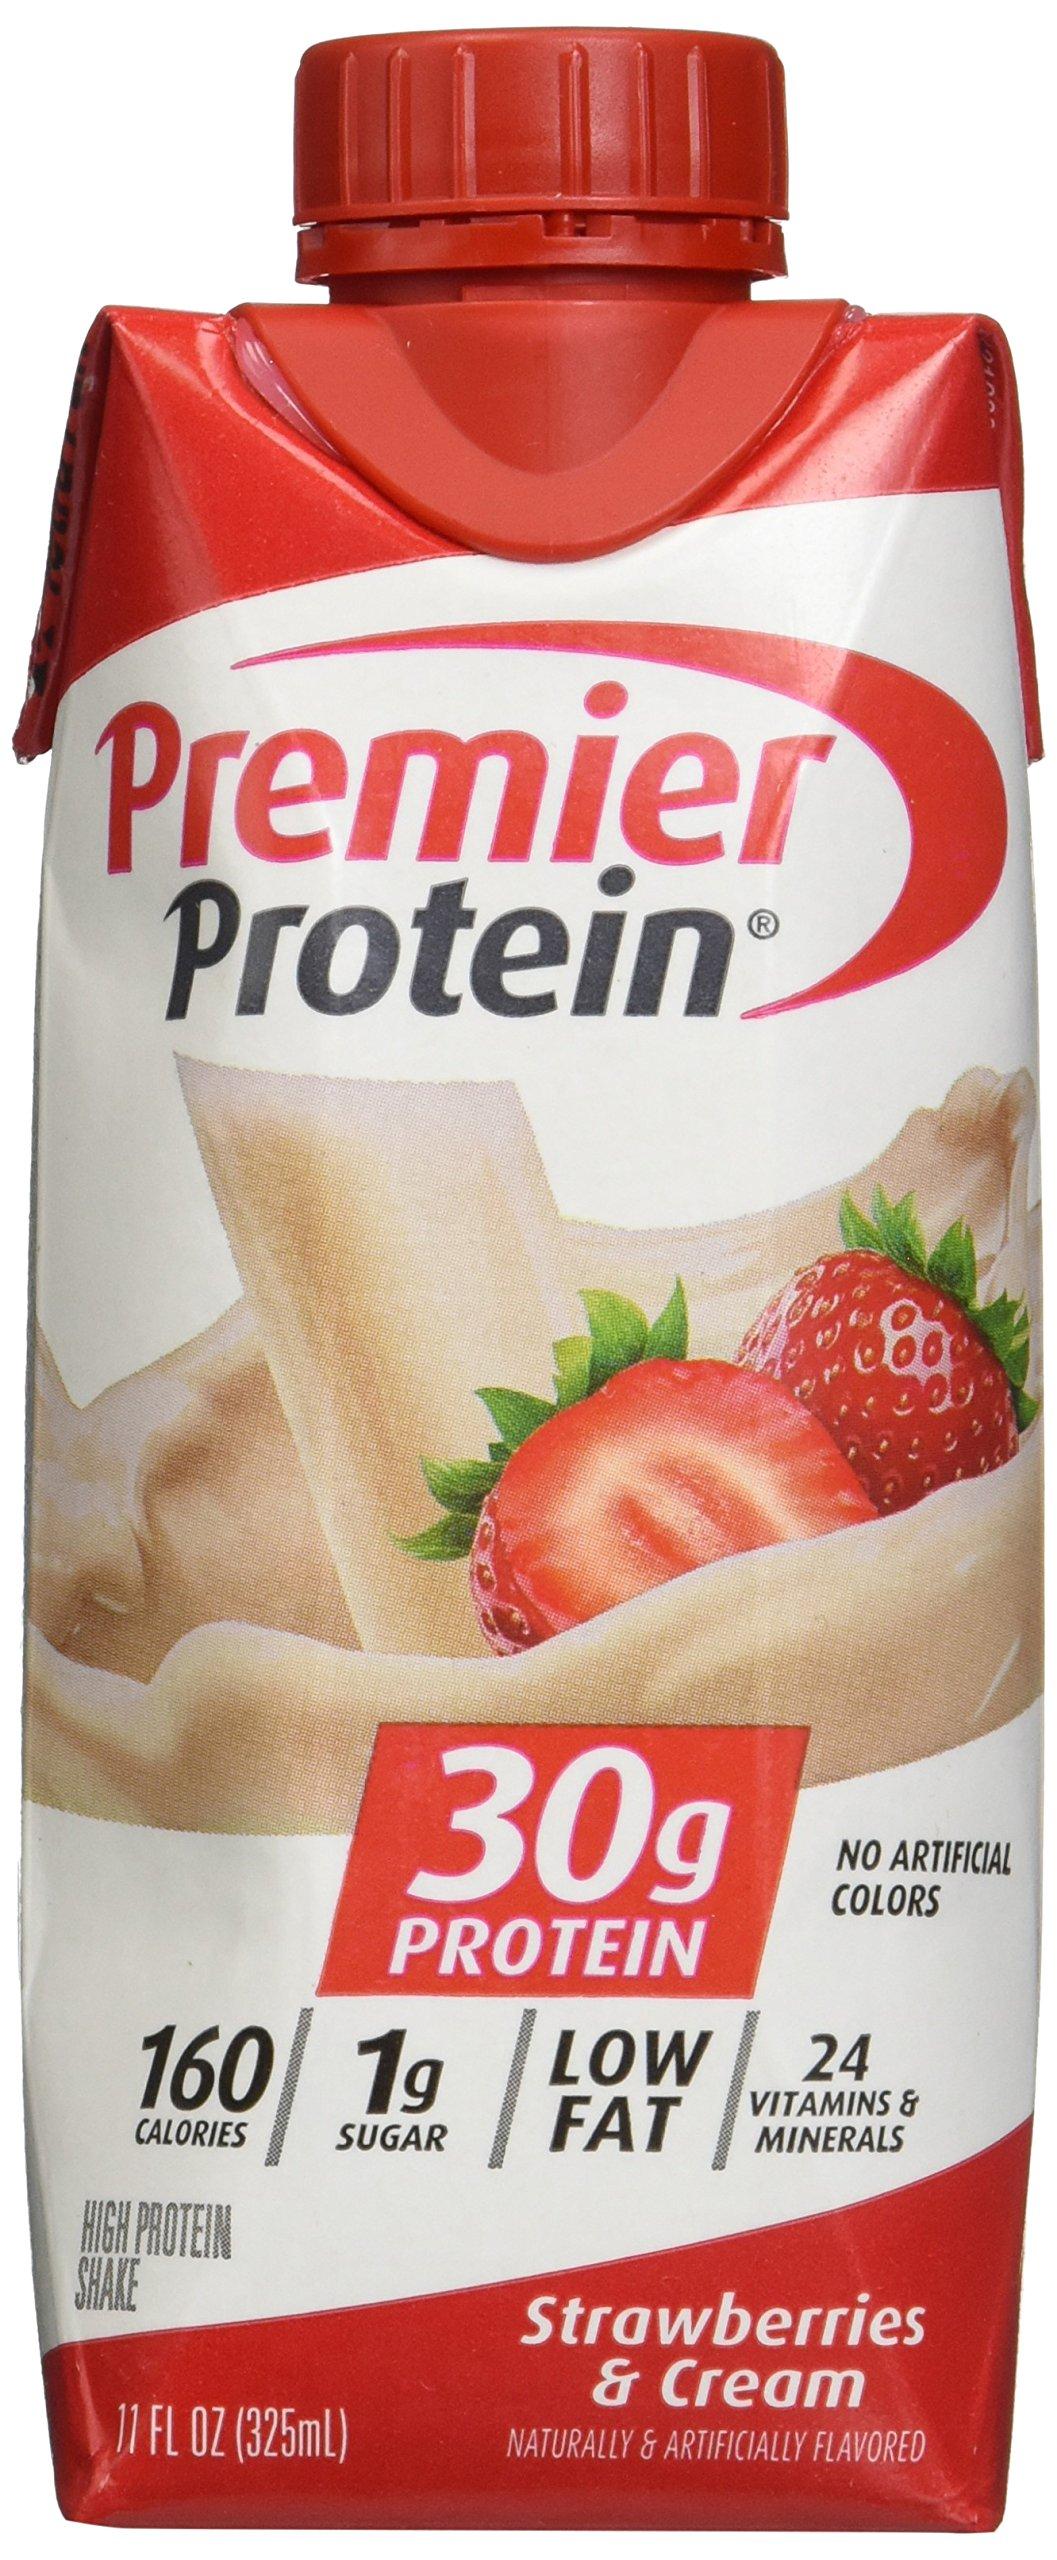 allevo protein shake